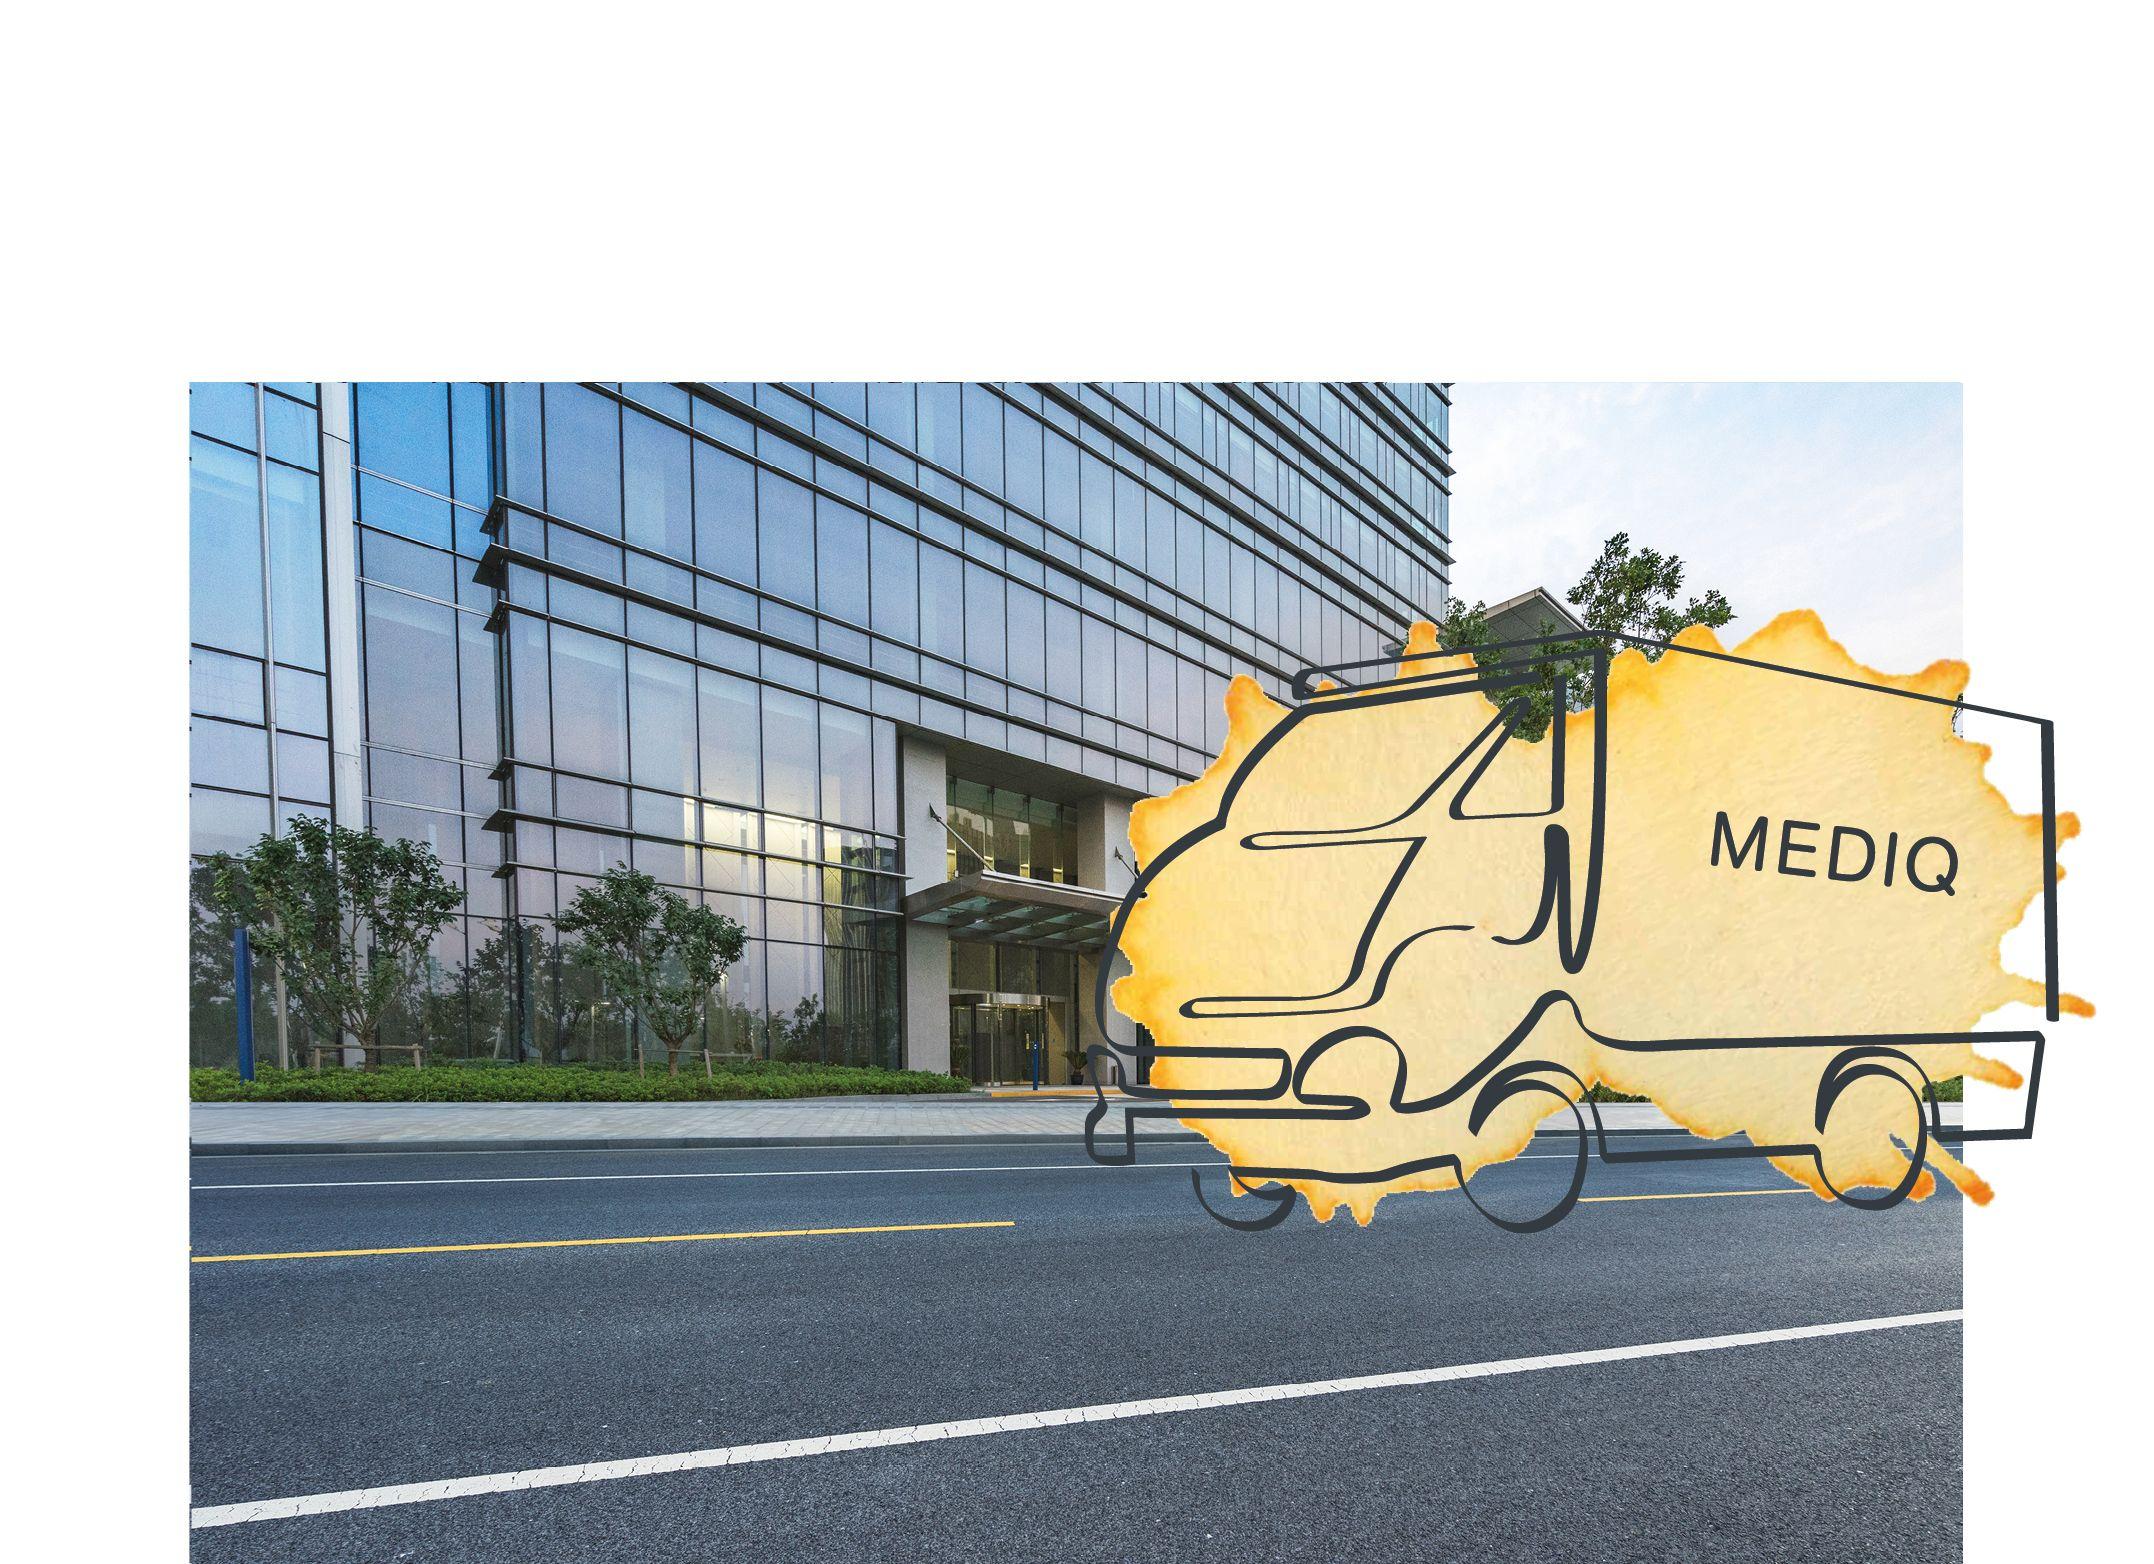 Mediq Medeco – Dienstenontwerp bestellingen